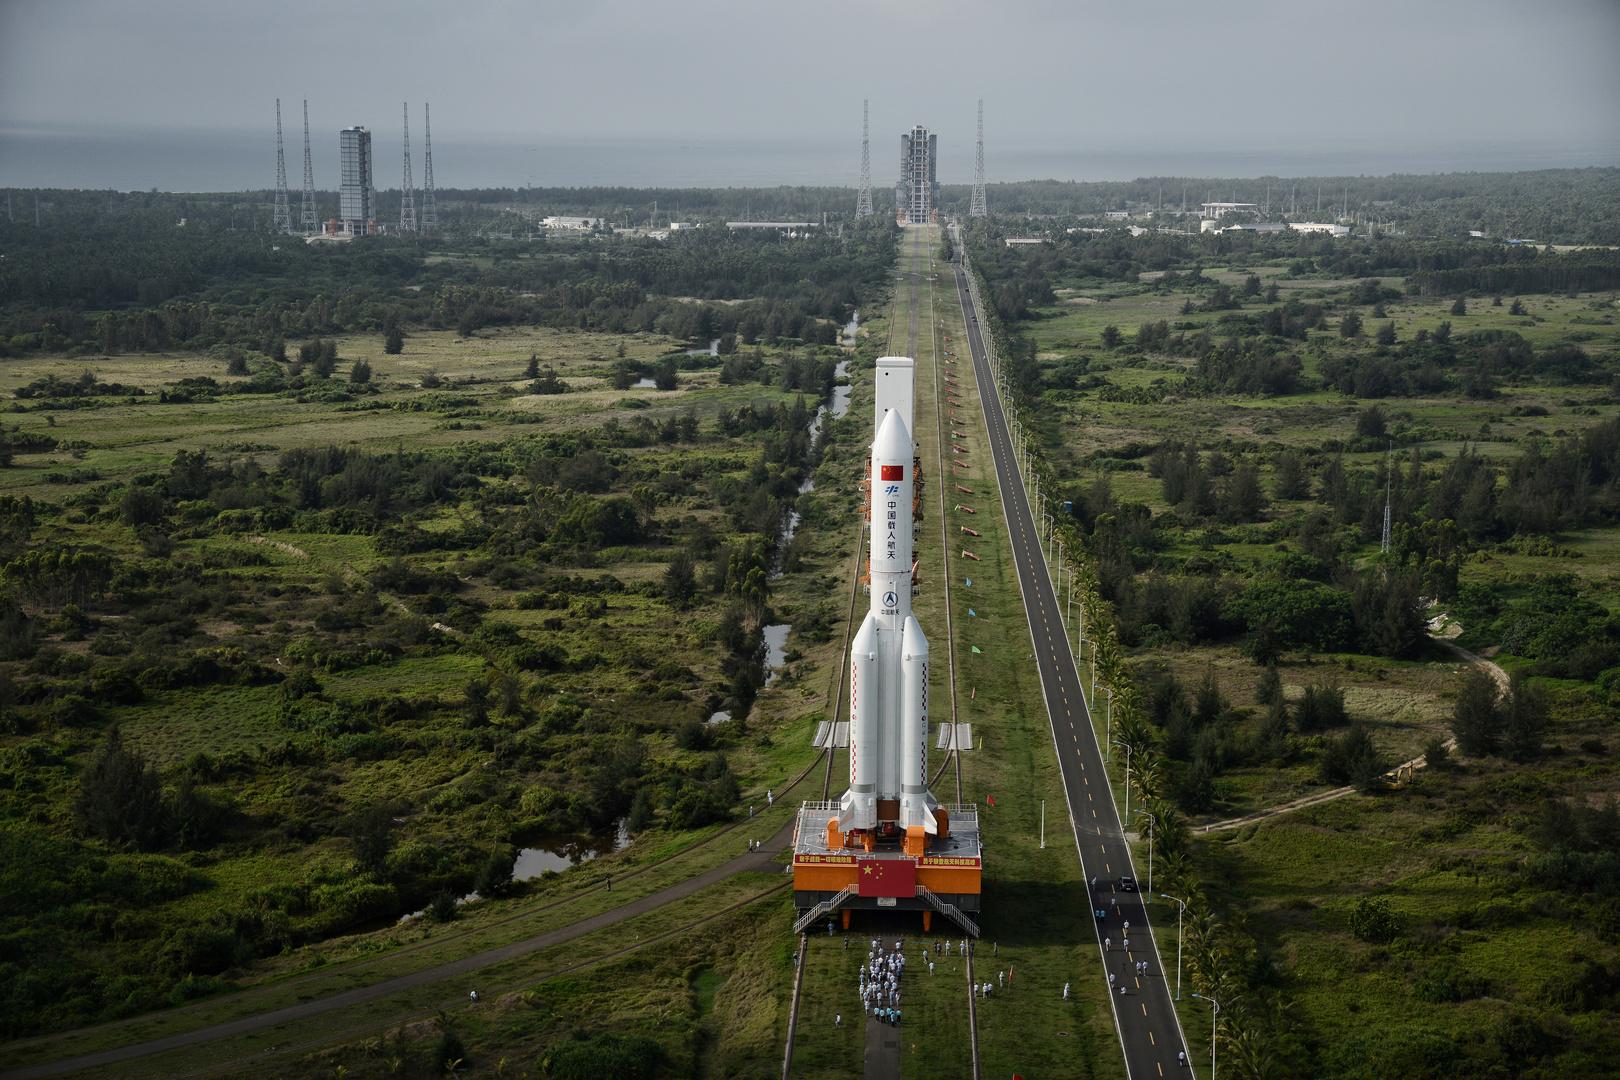 تابع على الهواء تحليق الصاروخ الصيني التائه قبيل سقوطه!